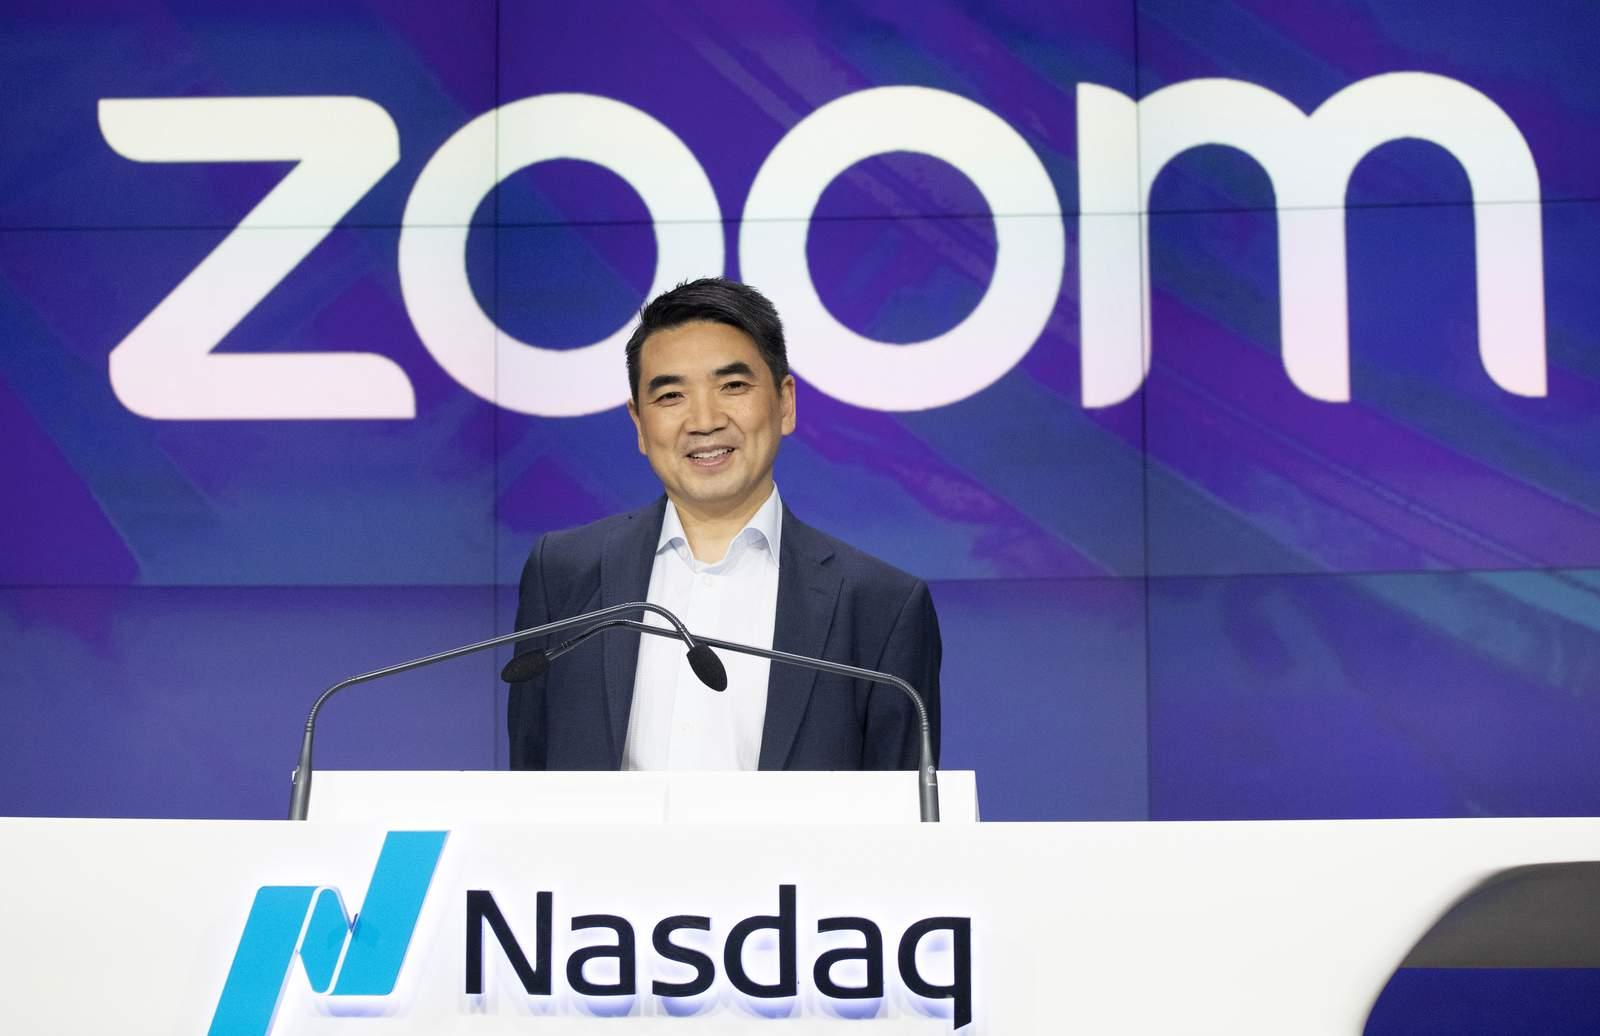 Singapur detiene Zoom para educación en línea mientras atacan hackers 39